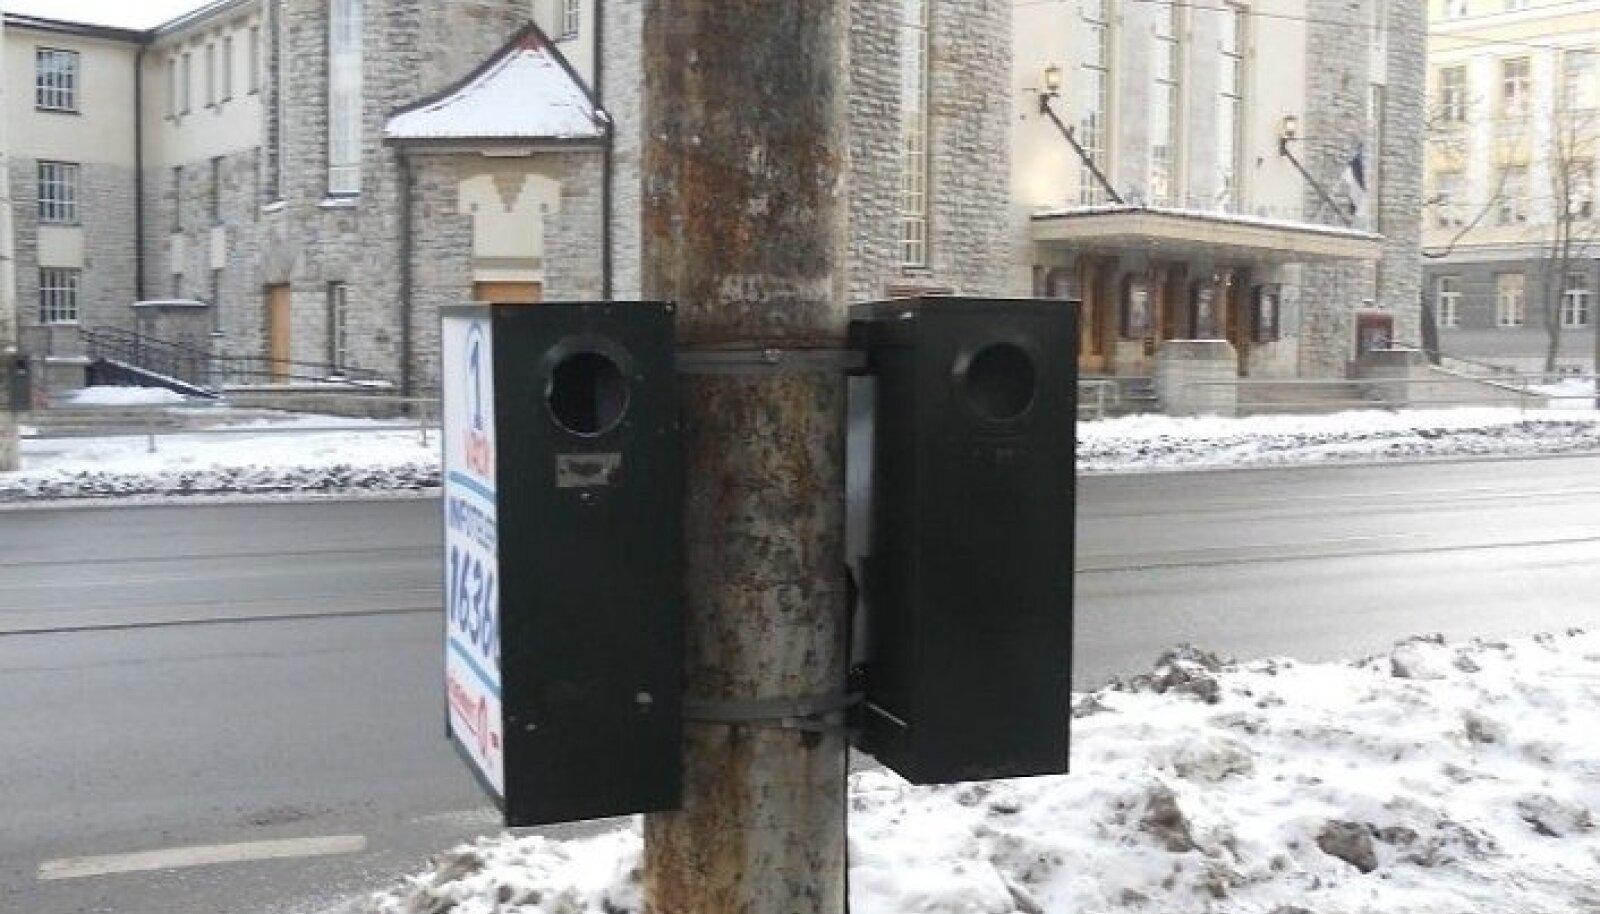 Roostetanud tänavapostist 2012. aastal tehtud pilt, mis saadeti linnavalitsusele.